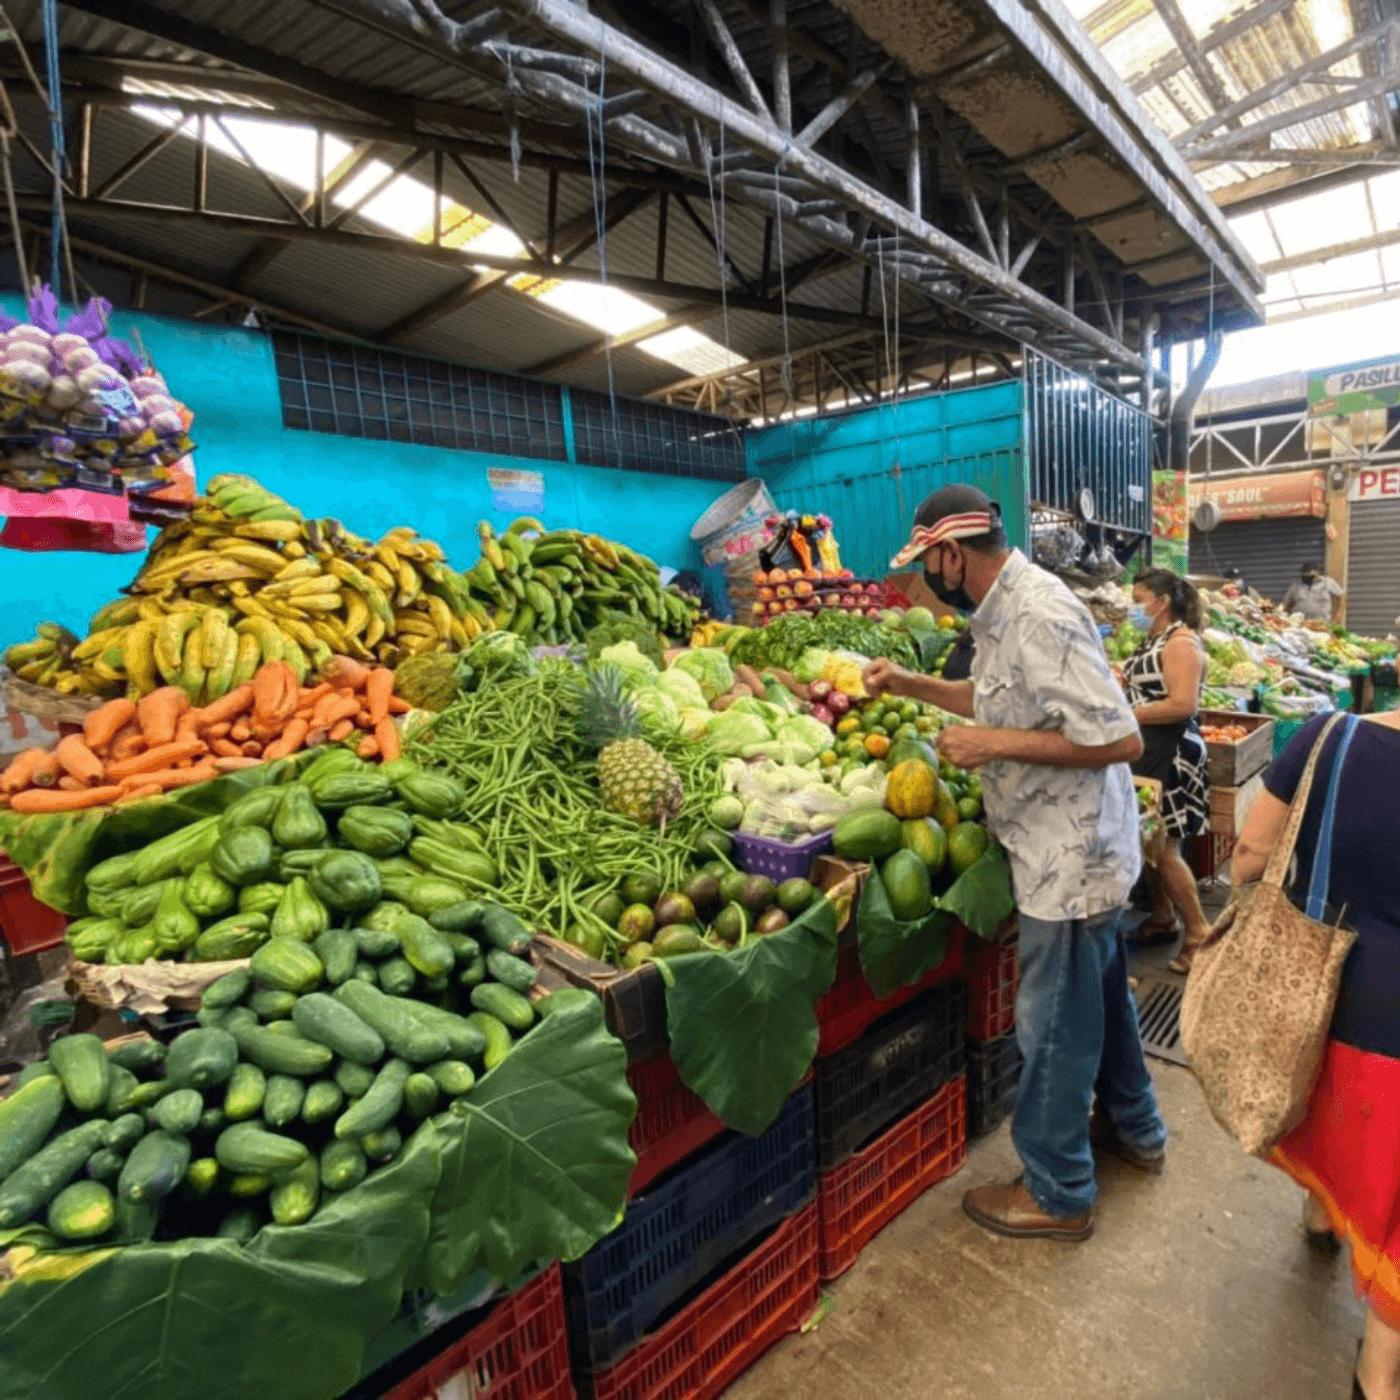 El Apoyo A Los Productores Locales Y El Progreso Agrícola. Mercado. Fotografía. Roberto d'Aubuisson. 2021